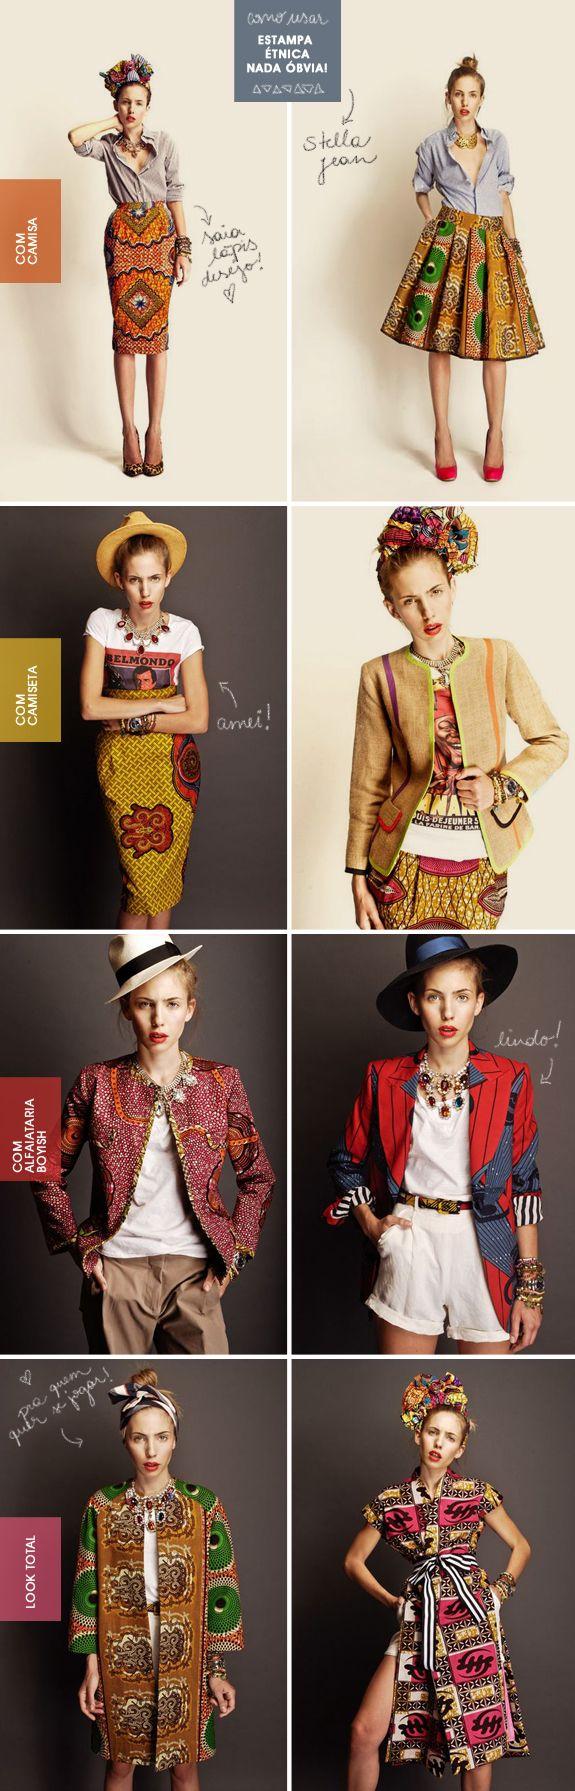 O trabalho de Stella Jean: como usar estampa tribal